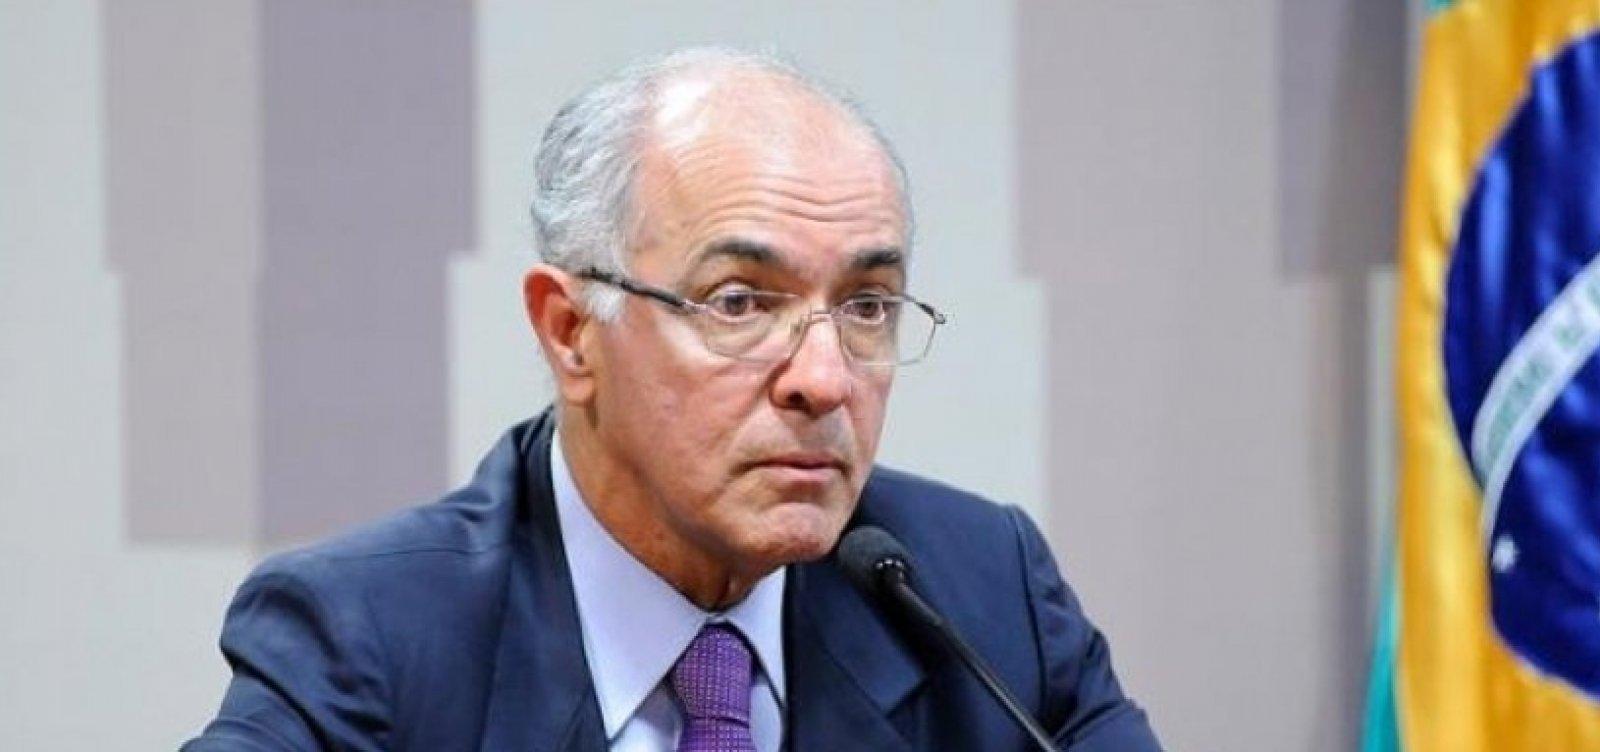 [Após saída de Mandetta, ex-deputado Aleluia pede demissão do Ministério da Saúde]